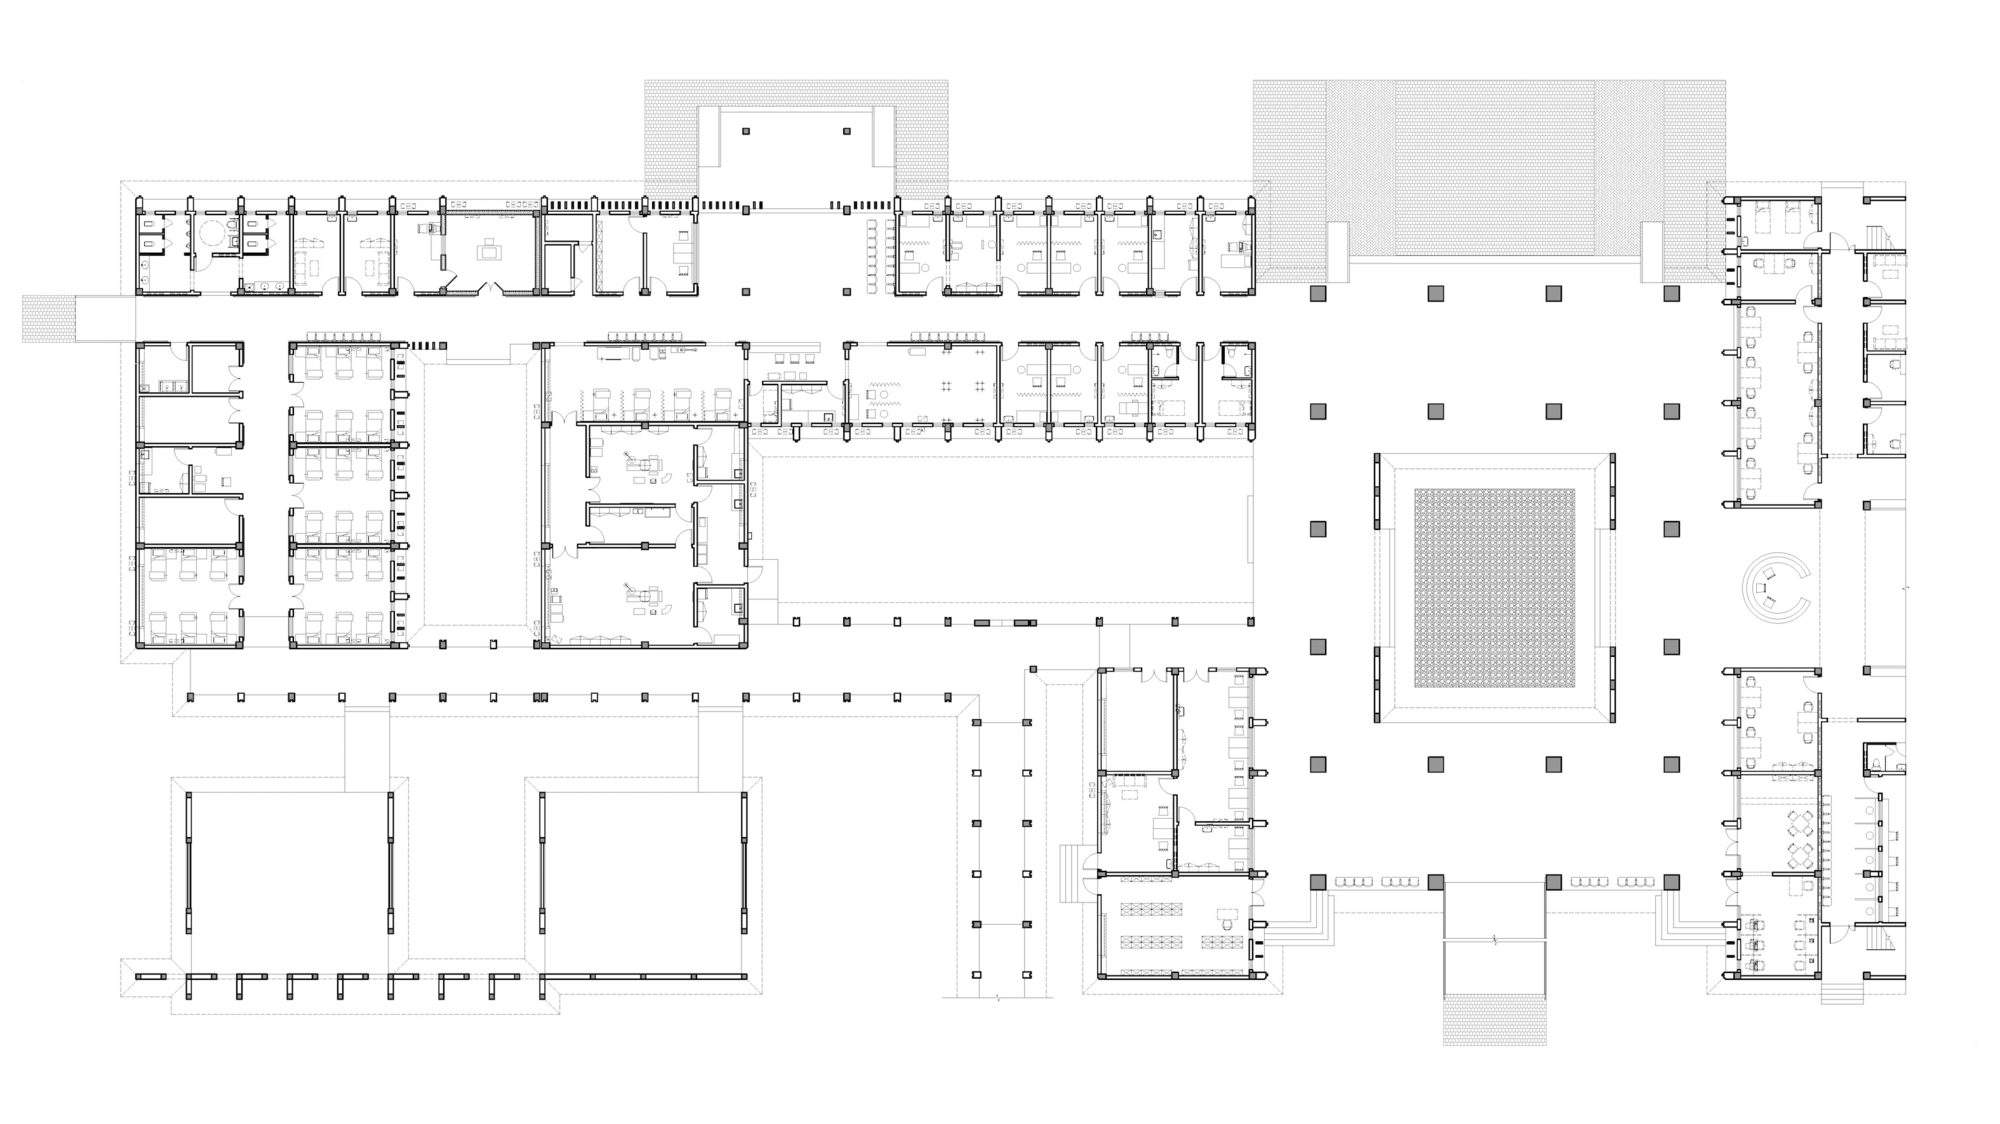 medium resolution of general hospital of niger cadi ground floor plan